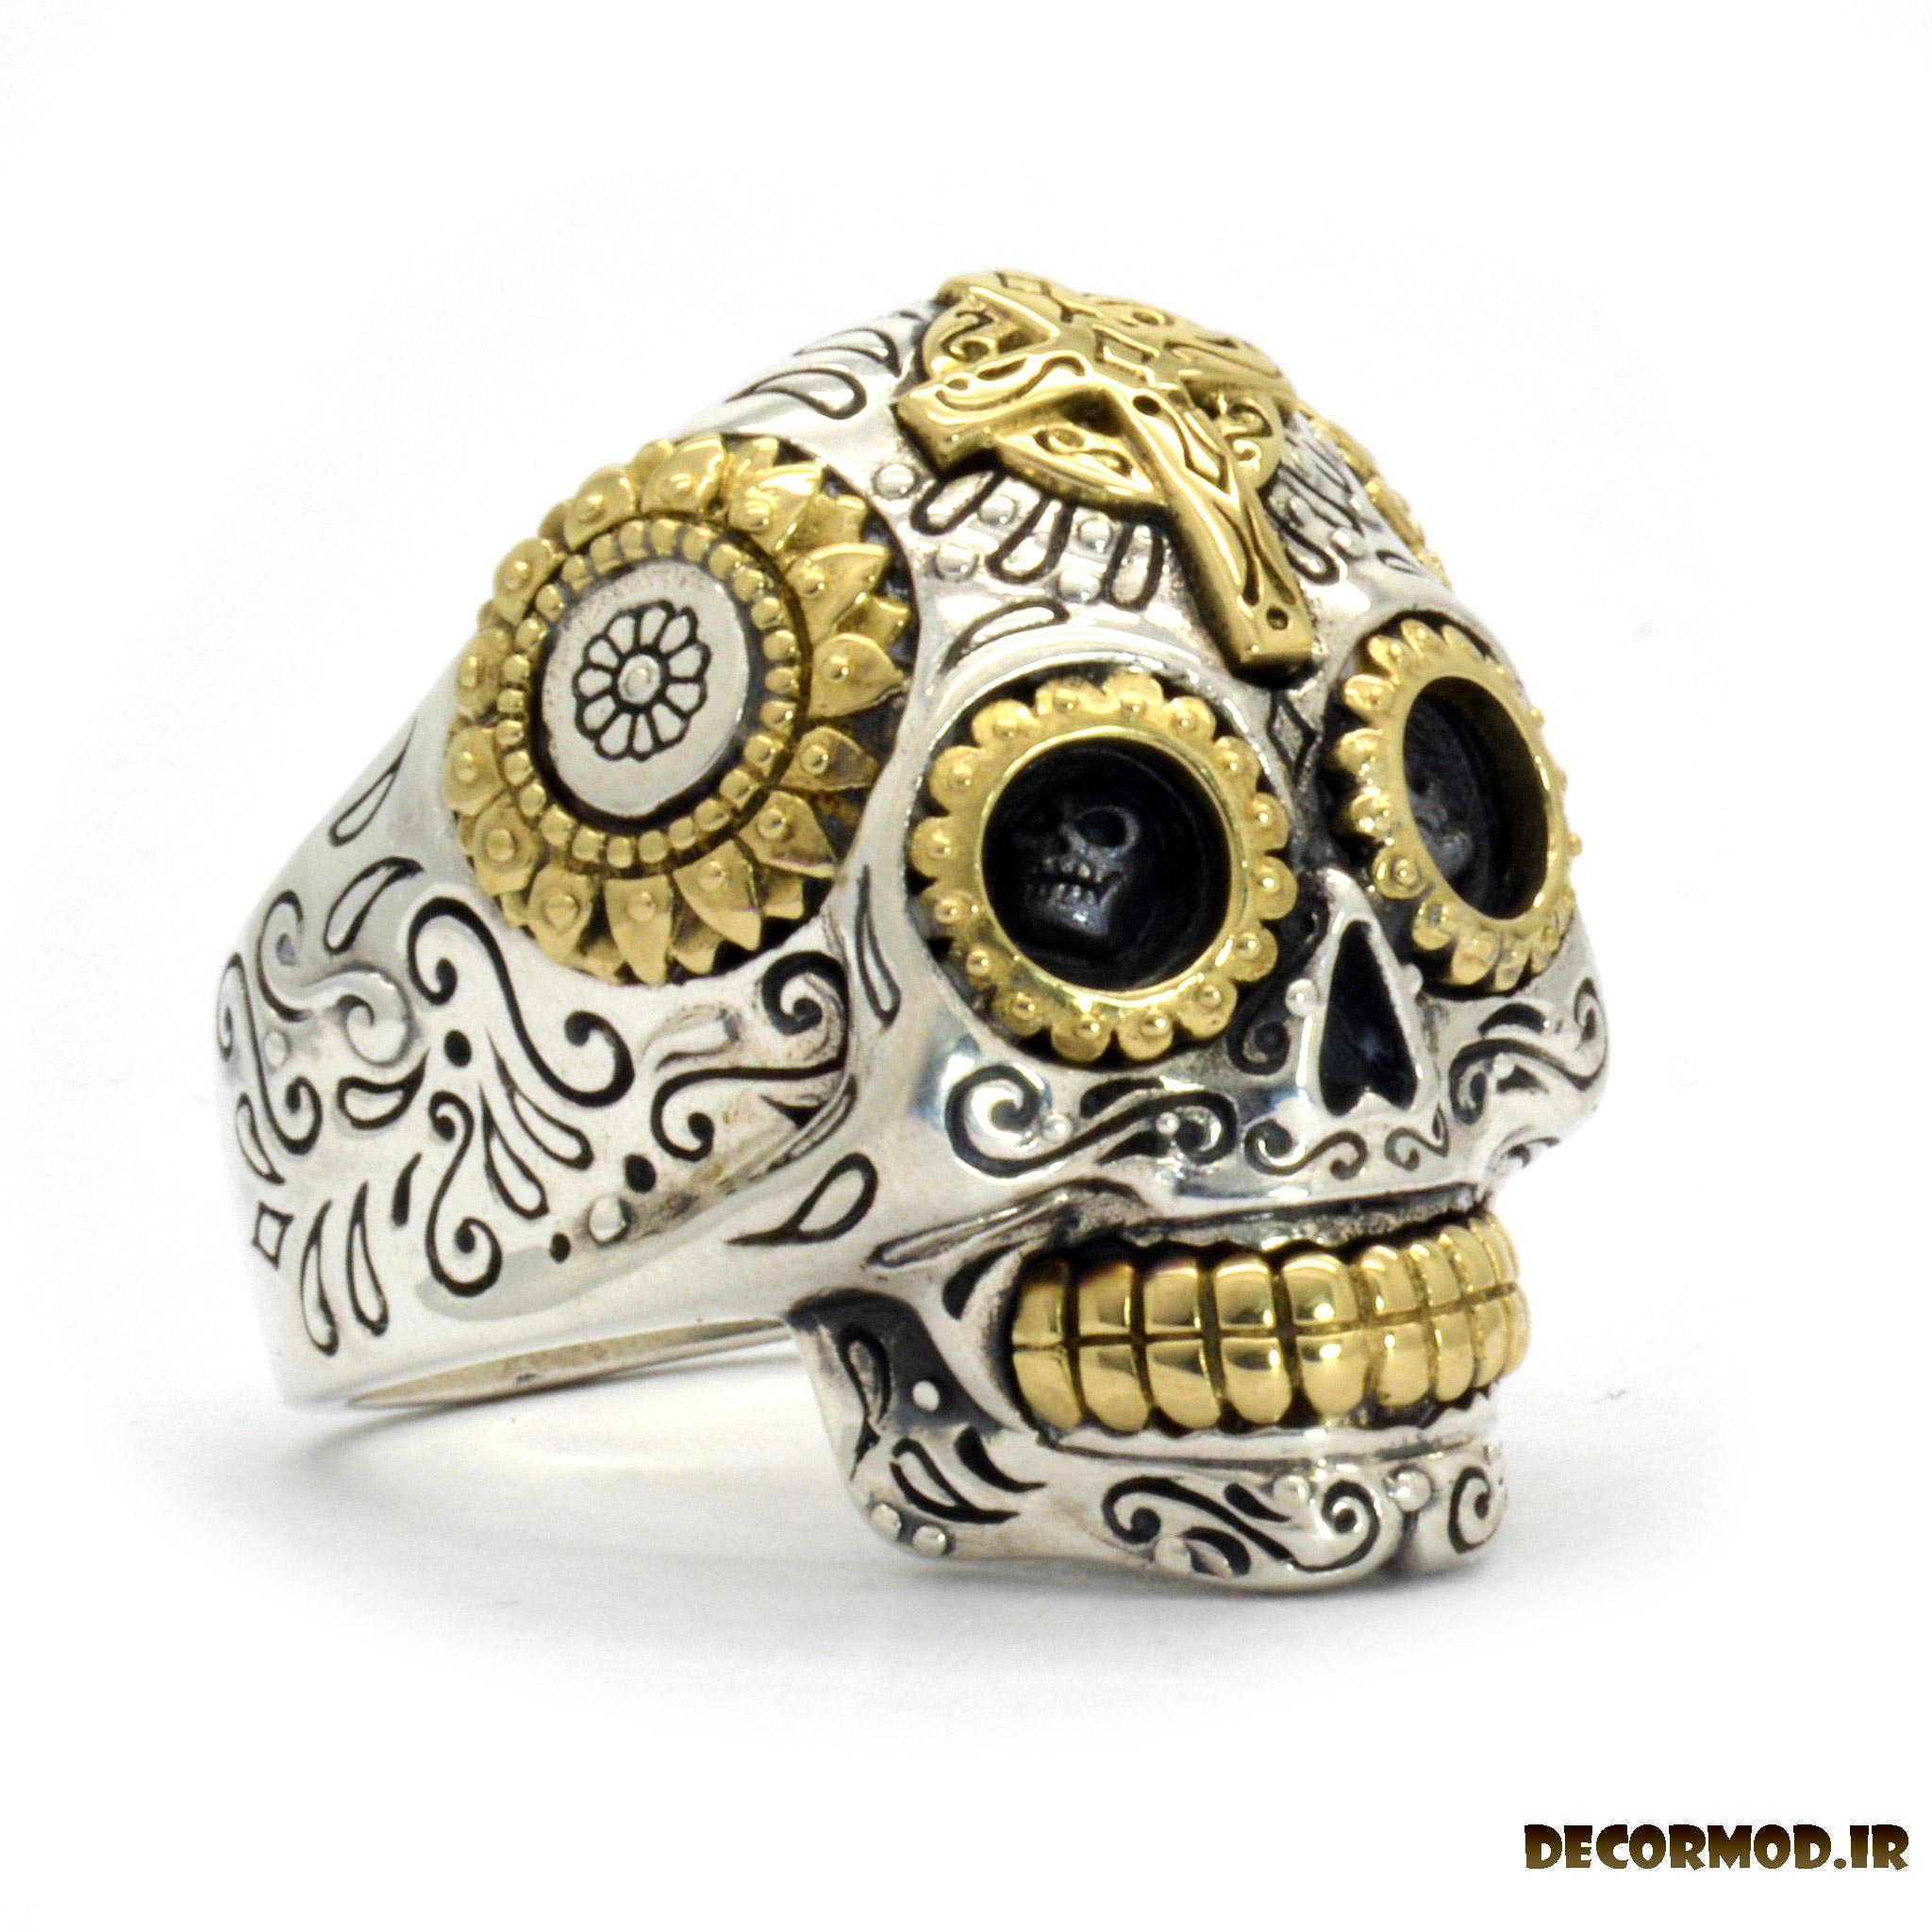 ring mexican sugar skull ring 1 - انگشتر نقره مردانه دست ساز + تصاویری از جدید ترین مدل های انگشتر نقره